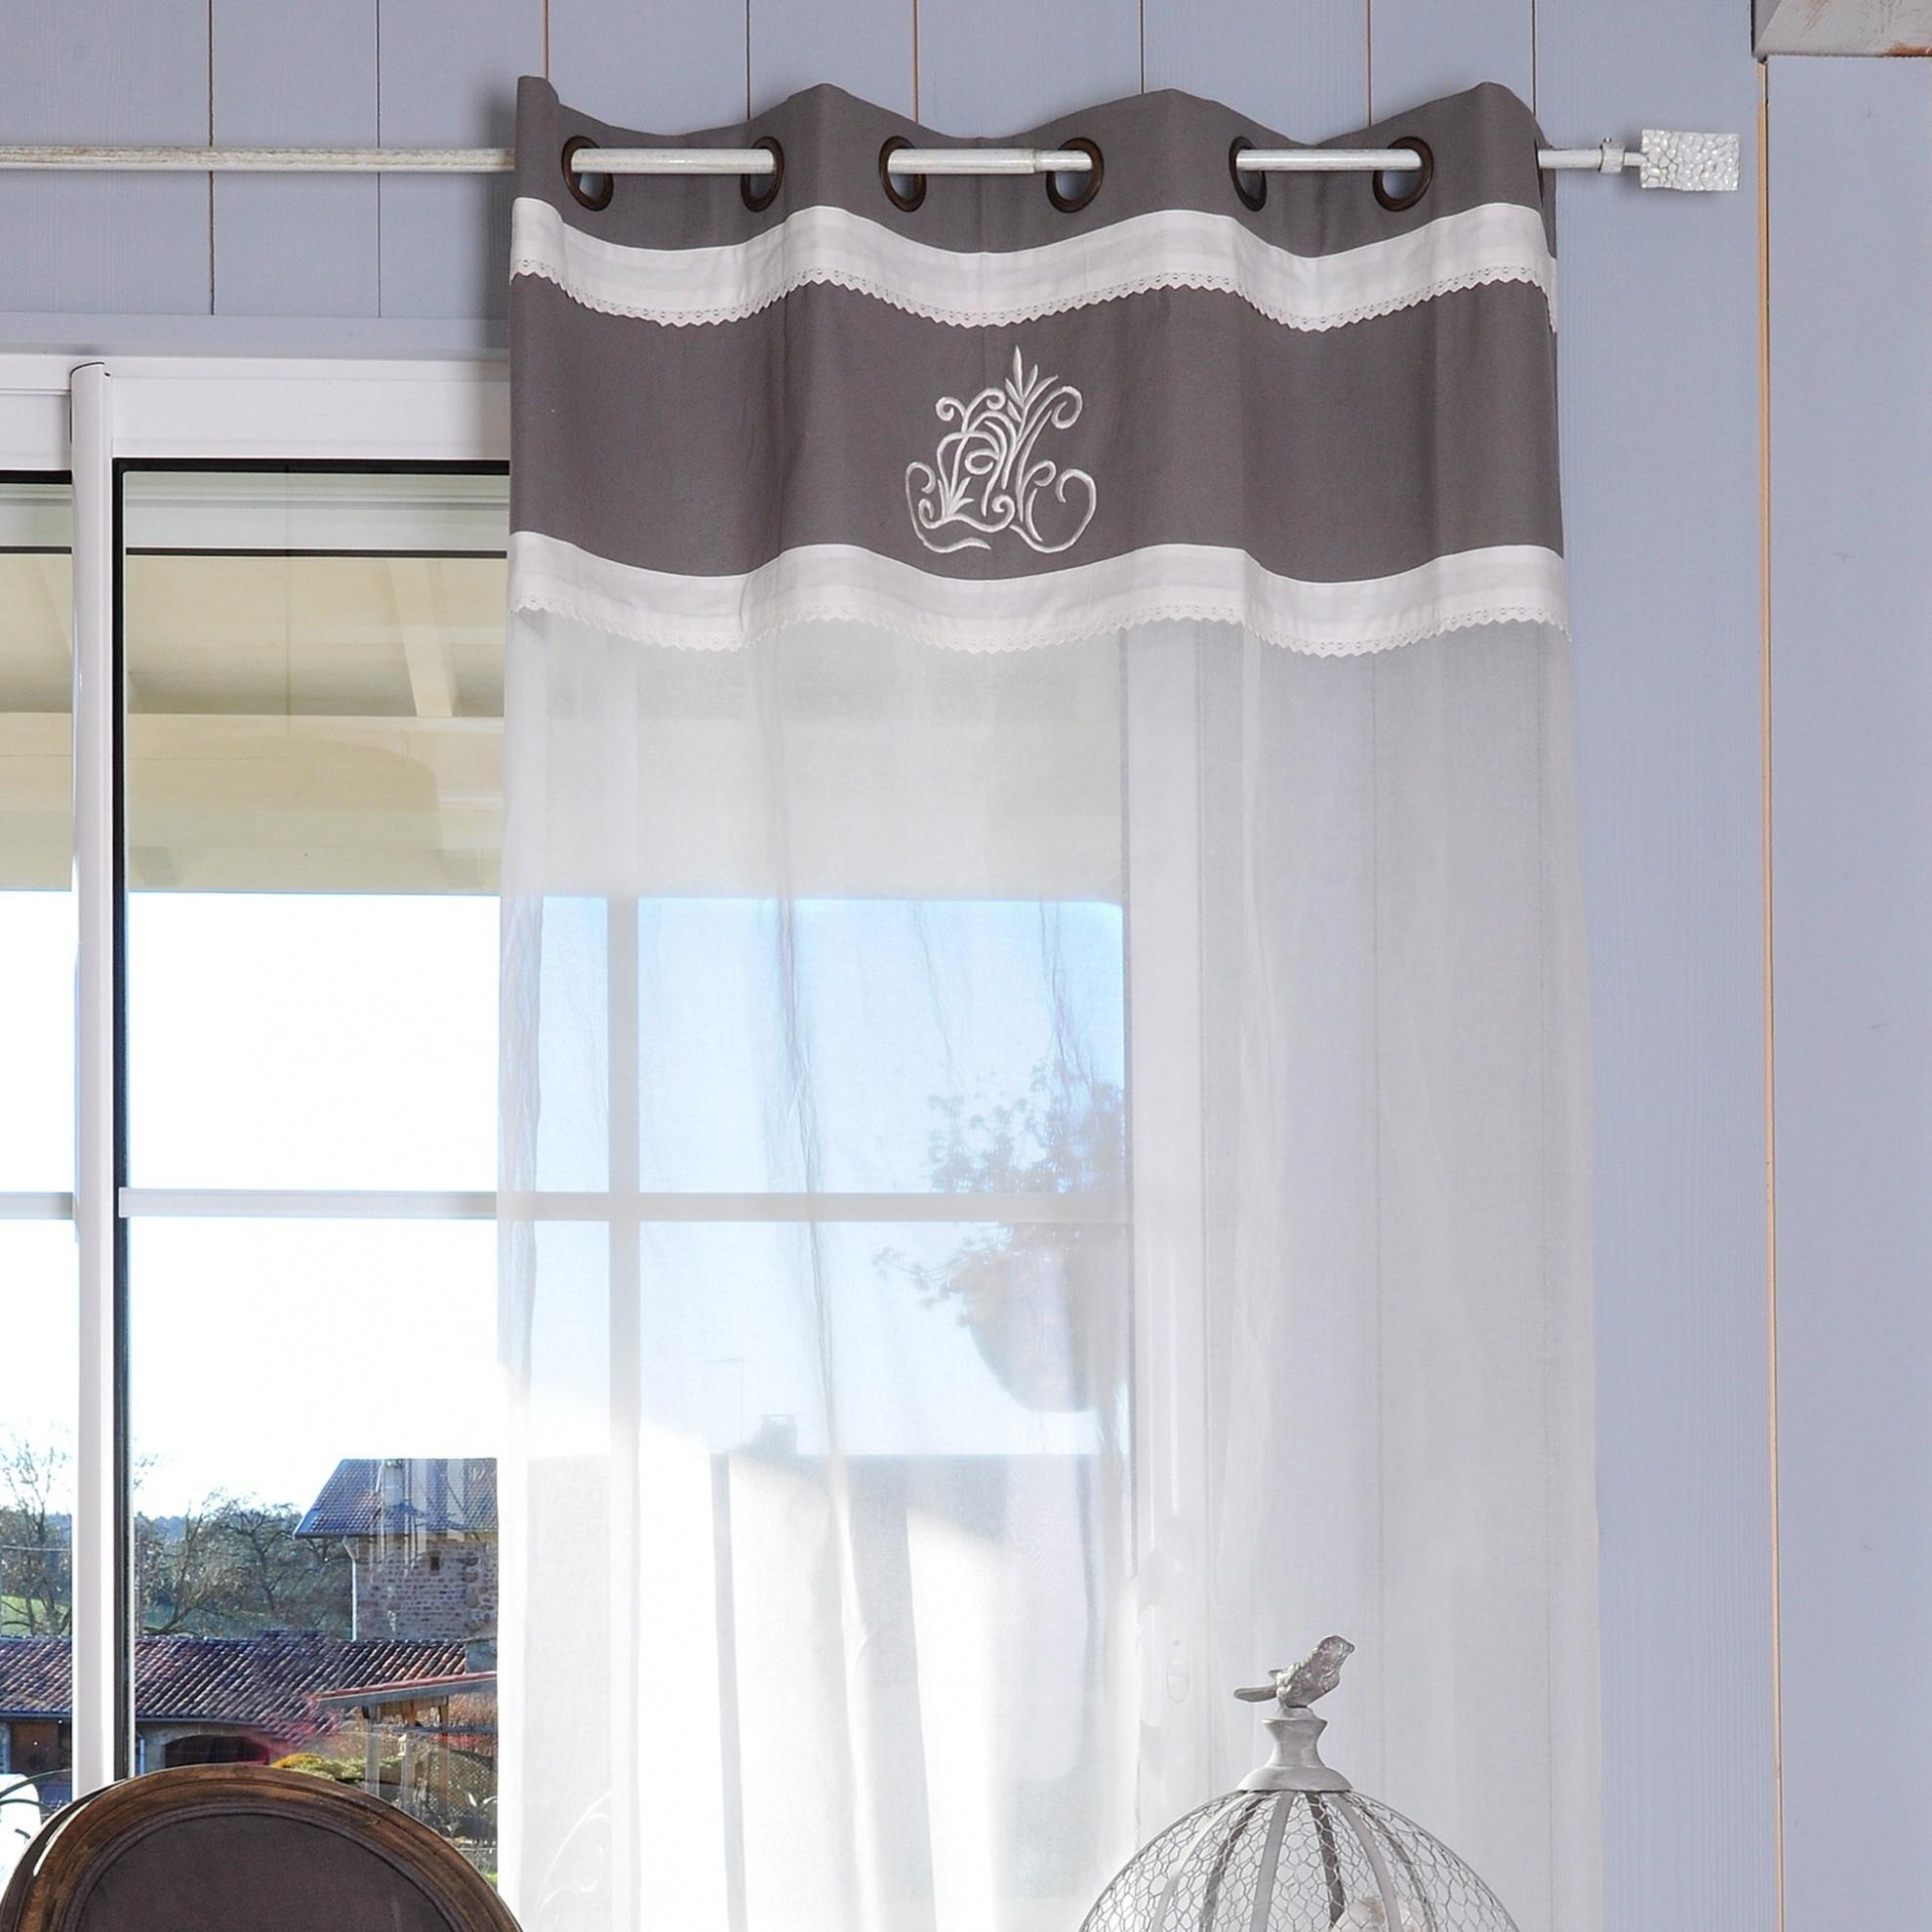 Brise Bise Ikea Élégant Photos Maha Di White Linen Curtain Inizio Mahagranda